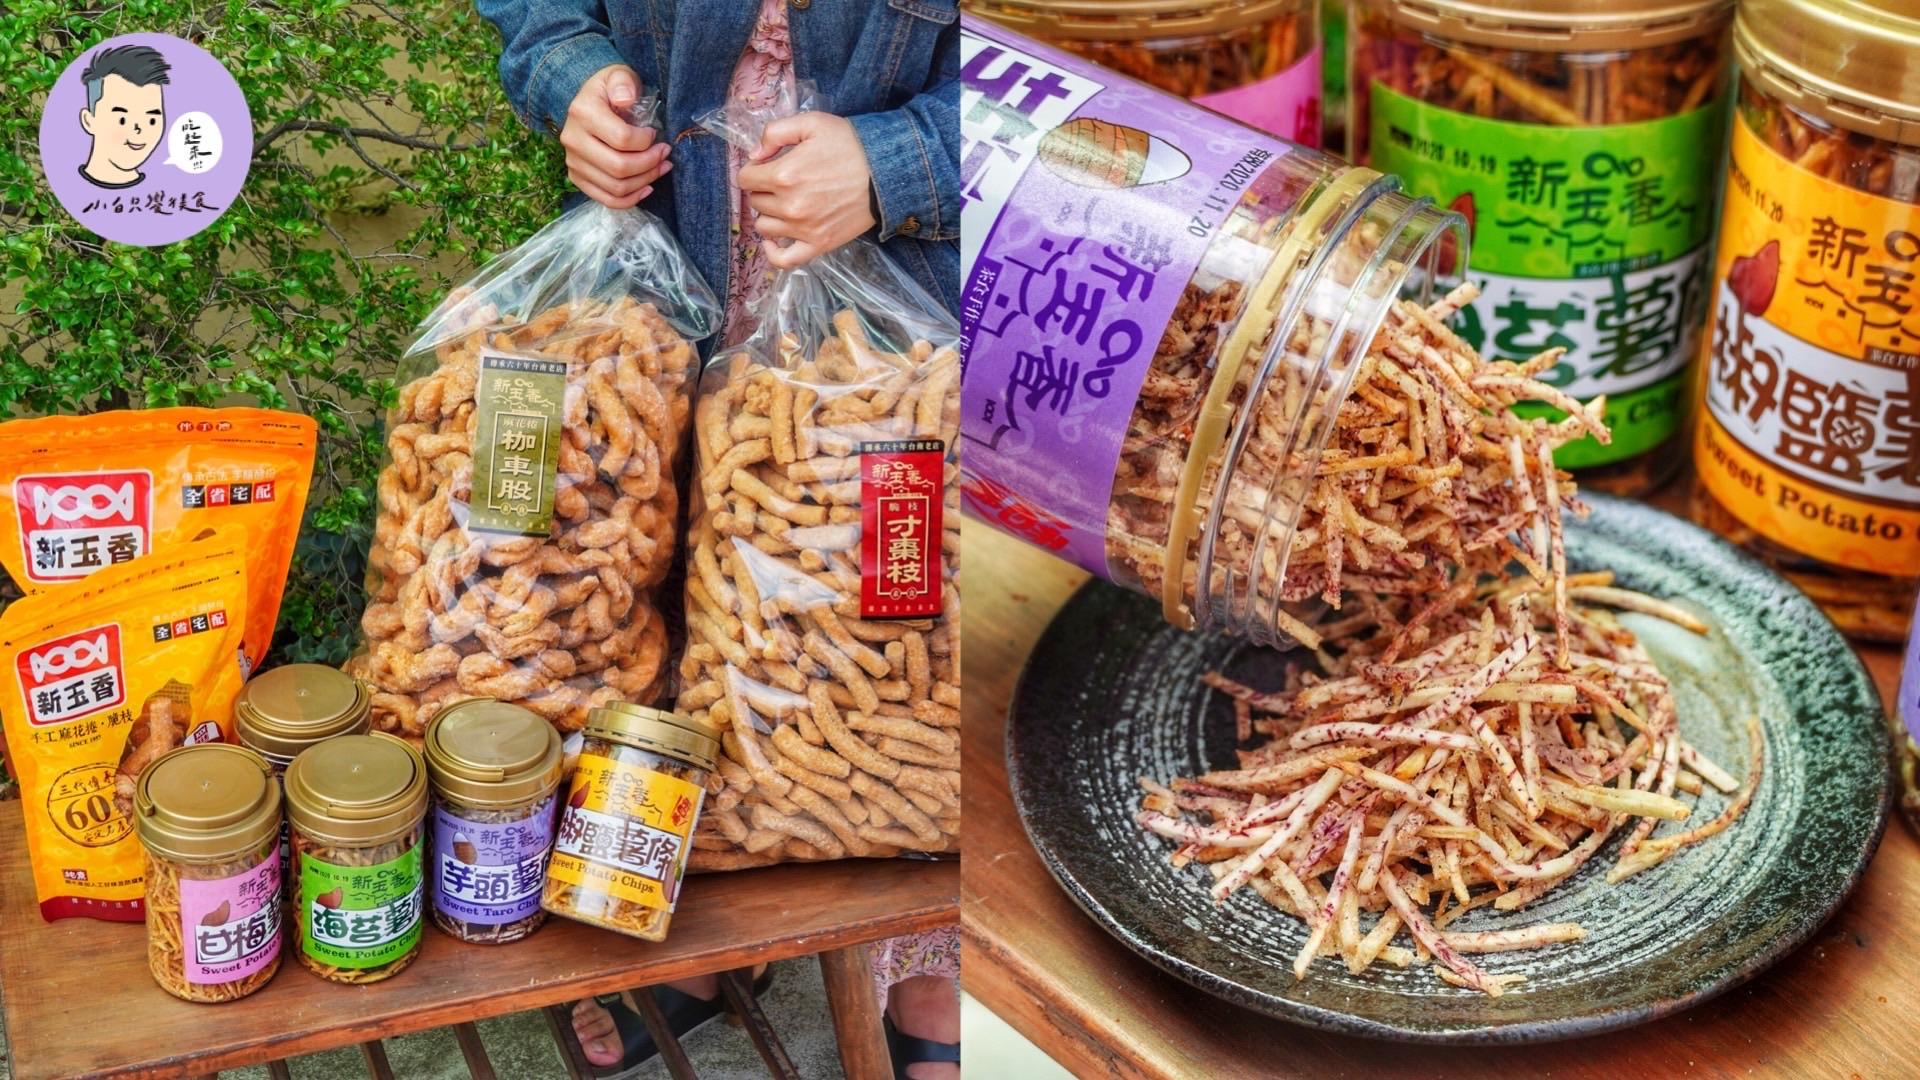 【台南美食】新玉香 隱藏版台版薯條三兄弟 三合院內的60年古早味麻花捲/脆枝必買